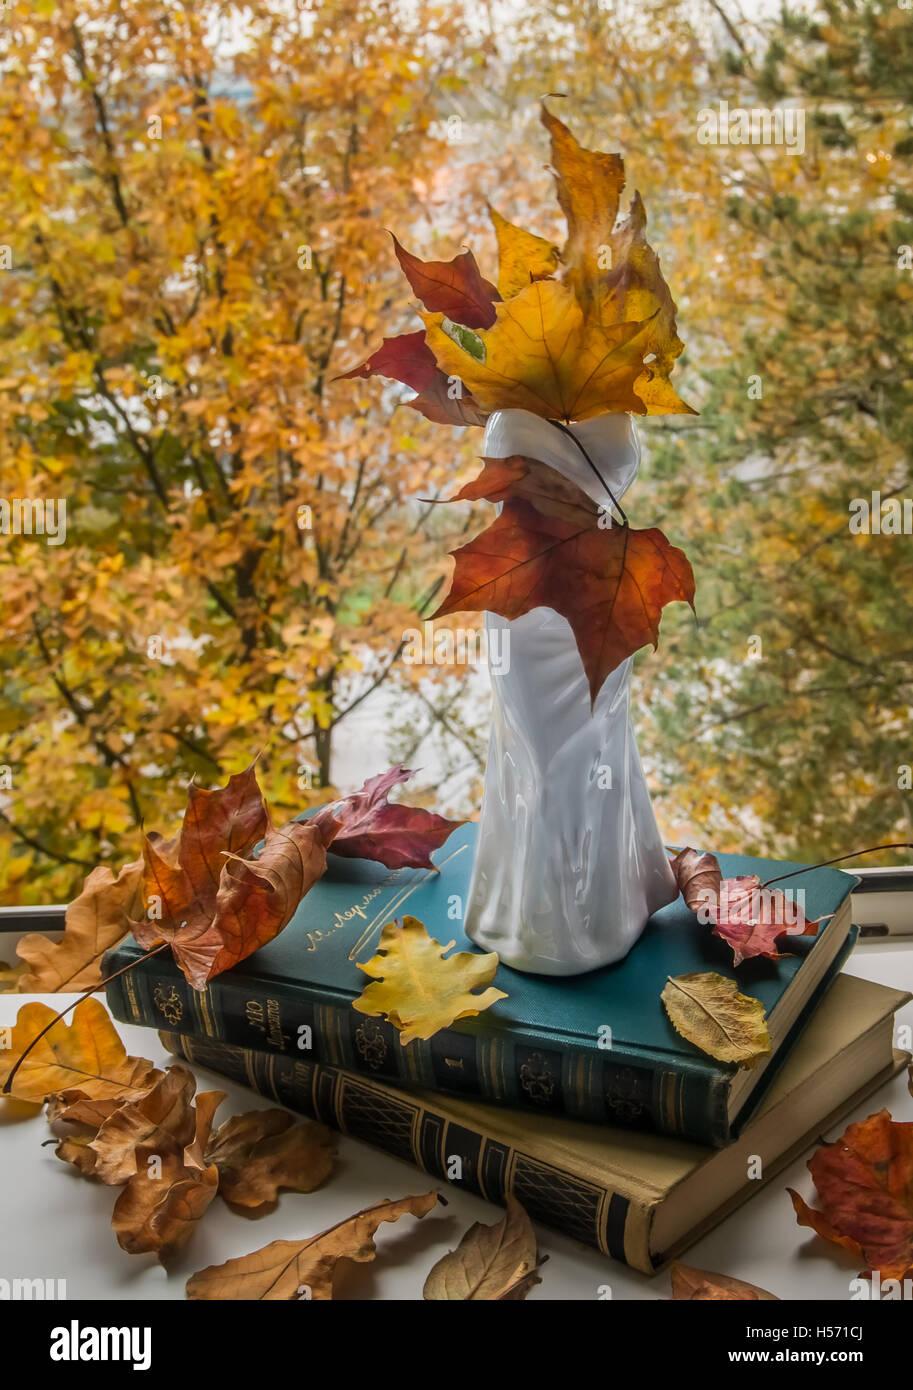 Stillleben mit einer Vase, Blätter im Herbst am offenen Fenster Stockbild